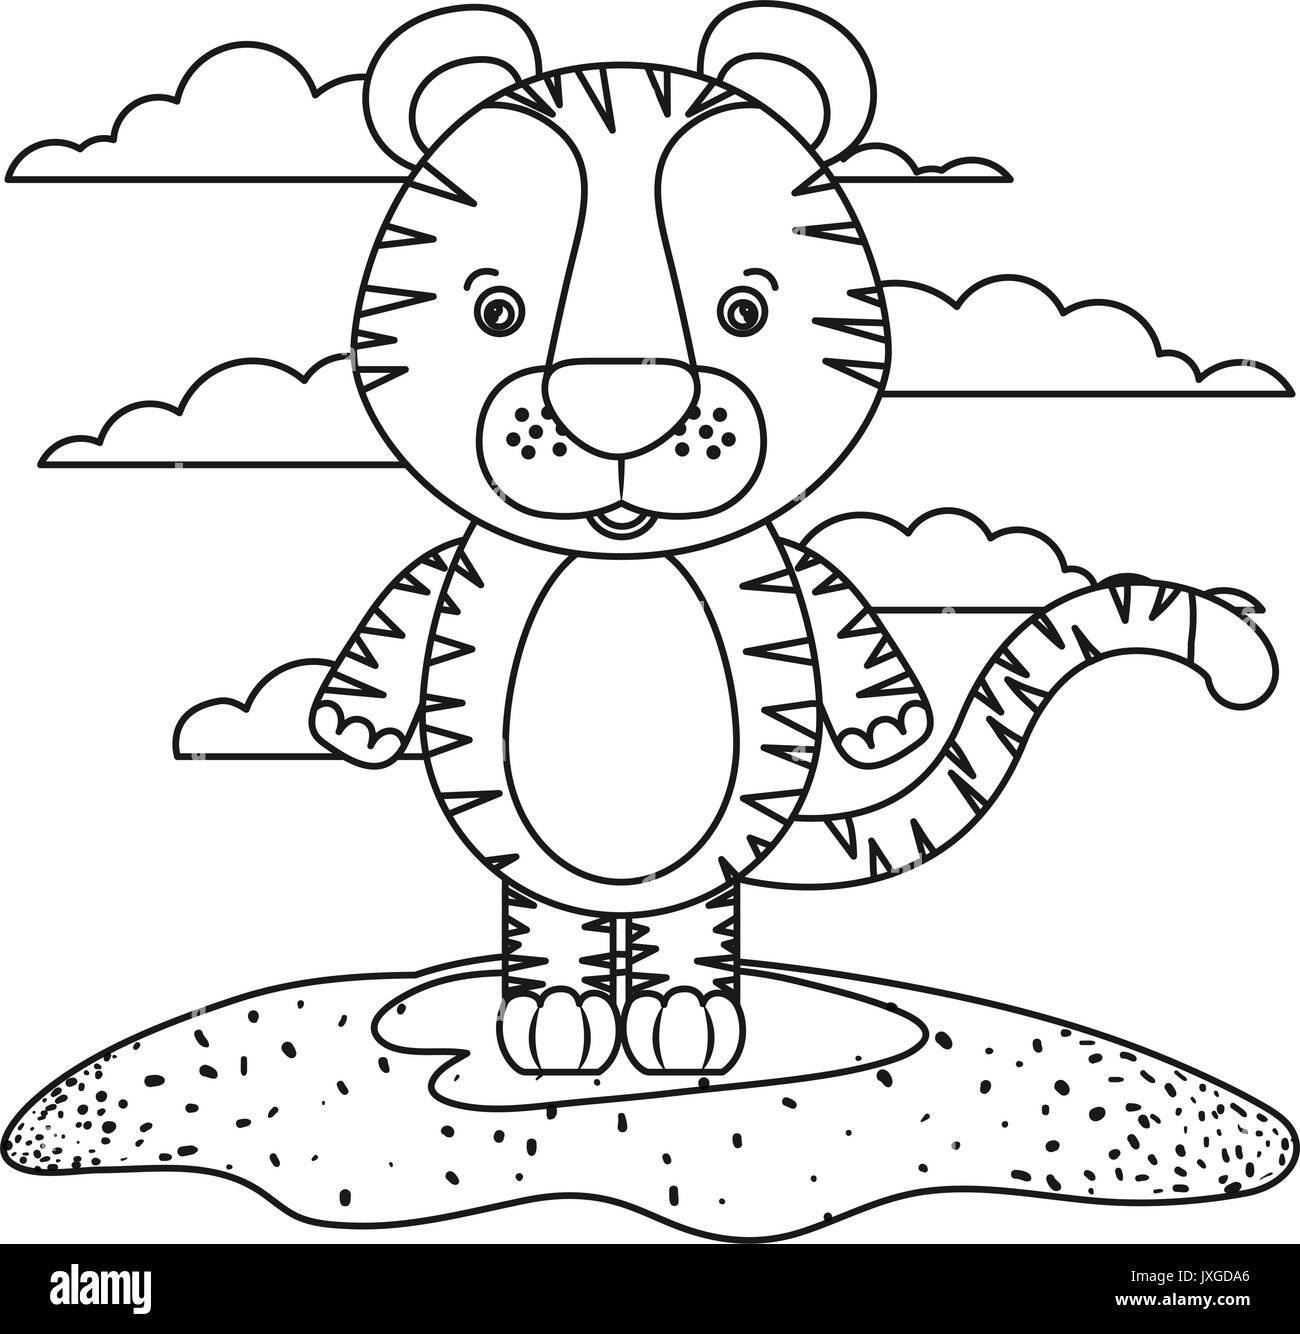 Tiger Outline Stockfotos & Tiger Outline Bilder - Alamy